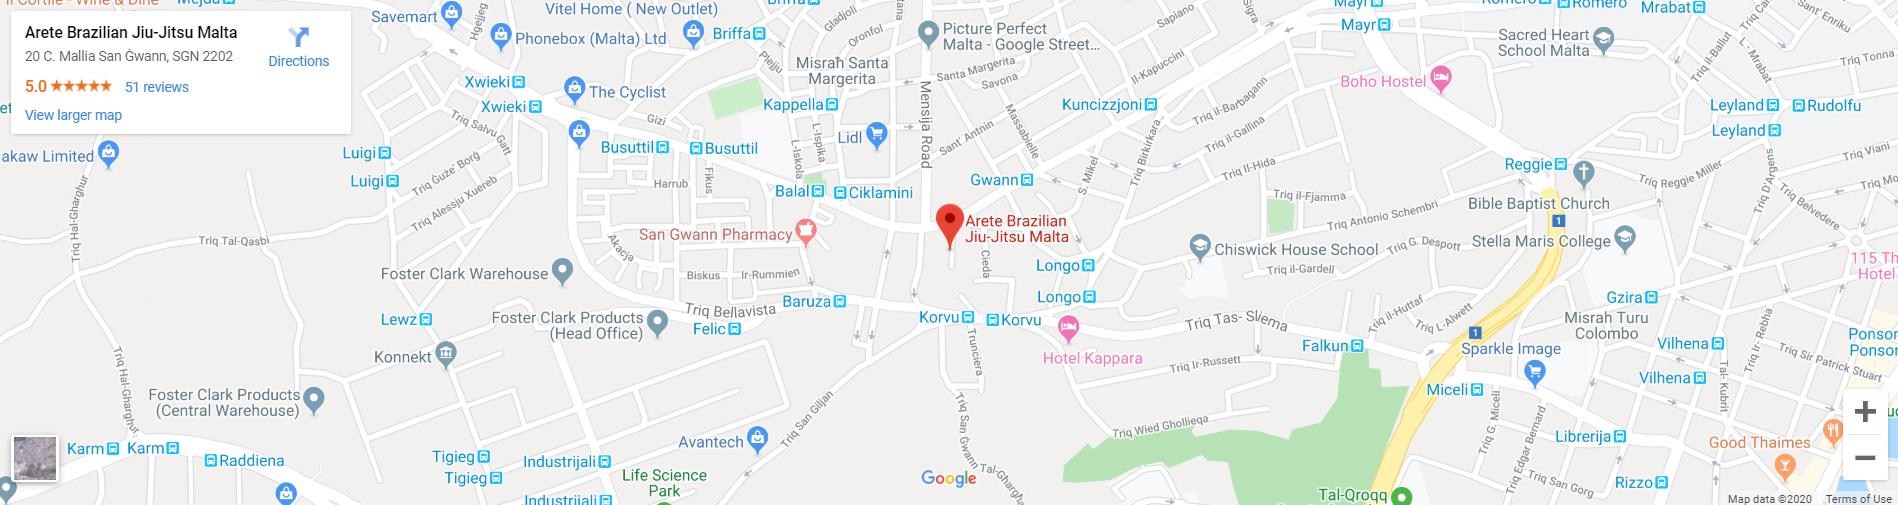 Where to find Arete Brazilian Jiu Jitsu Malta